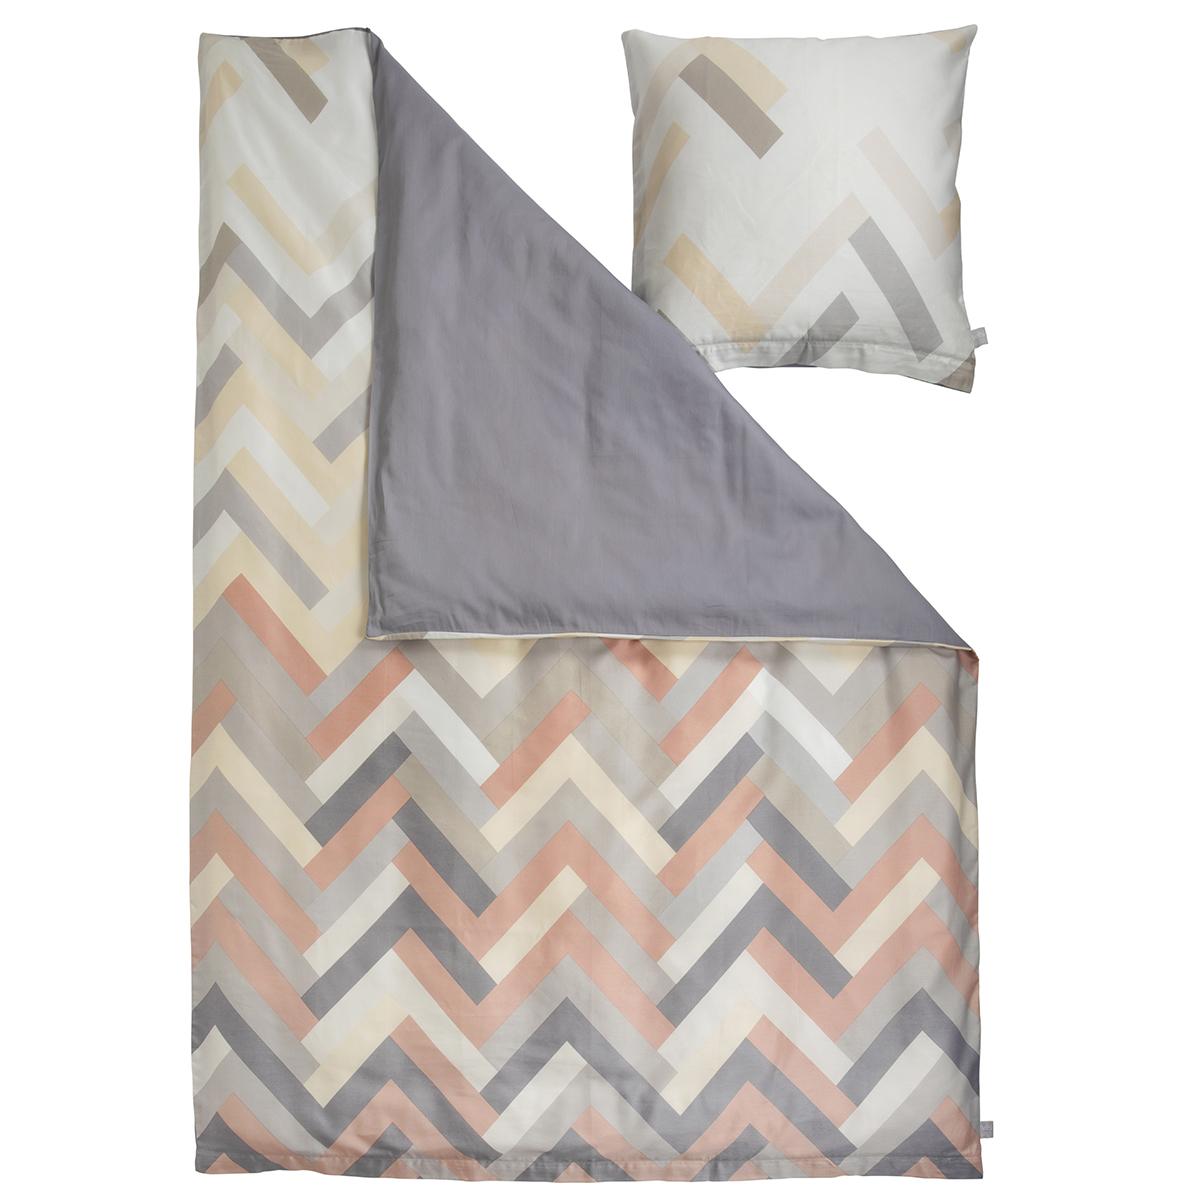 Billede af Susanne Schjerning sengetøj - Herringbone - Sand